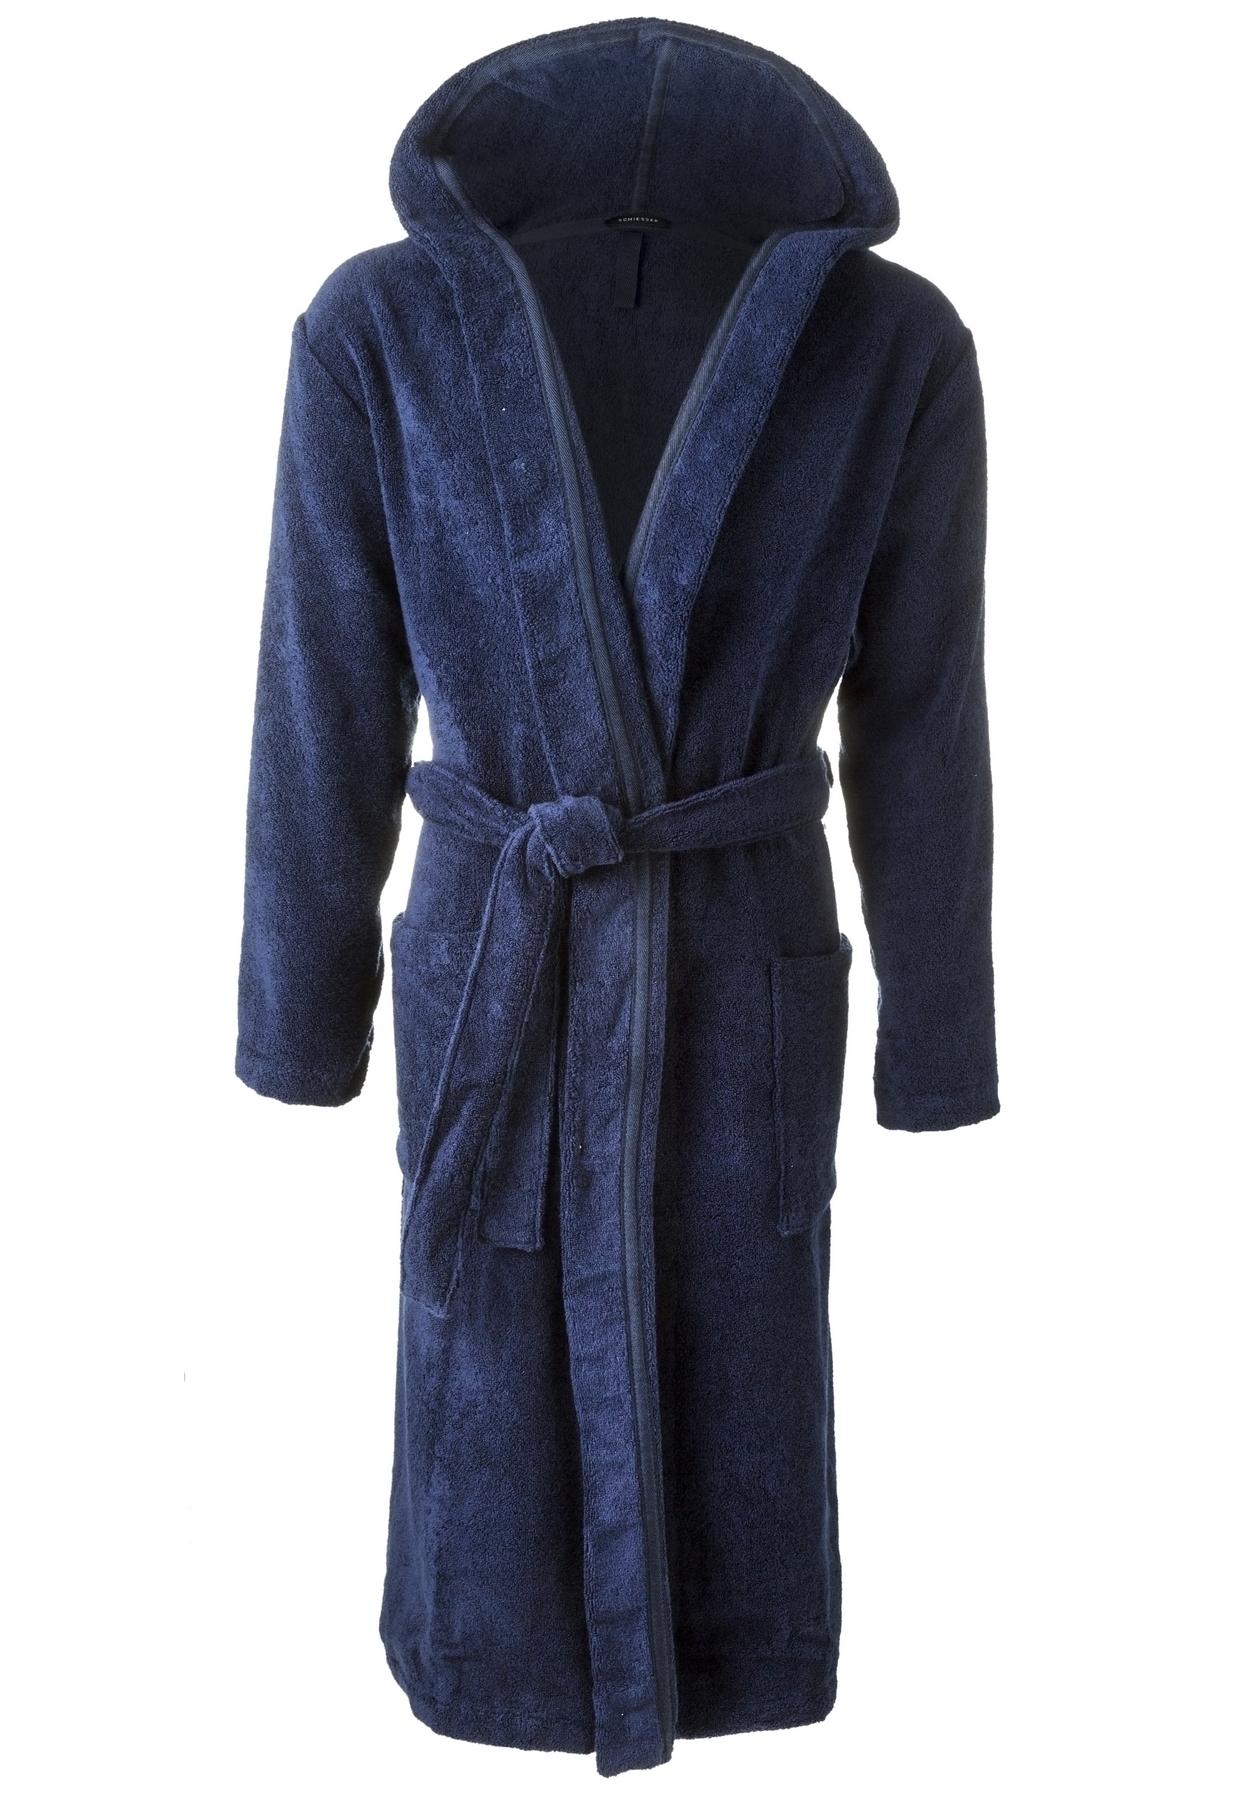 d23f98680c0 Schiesser heren badjas, blauw - Gratis verzending